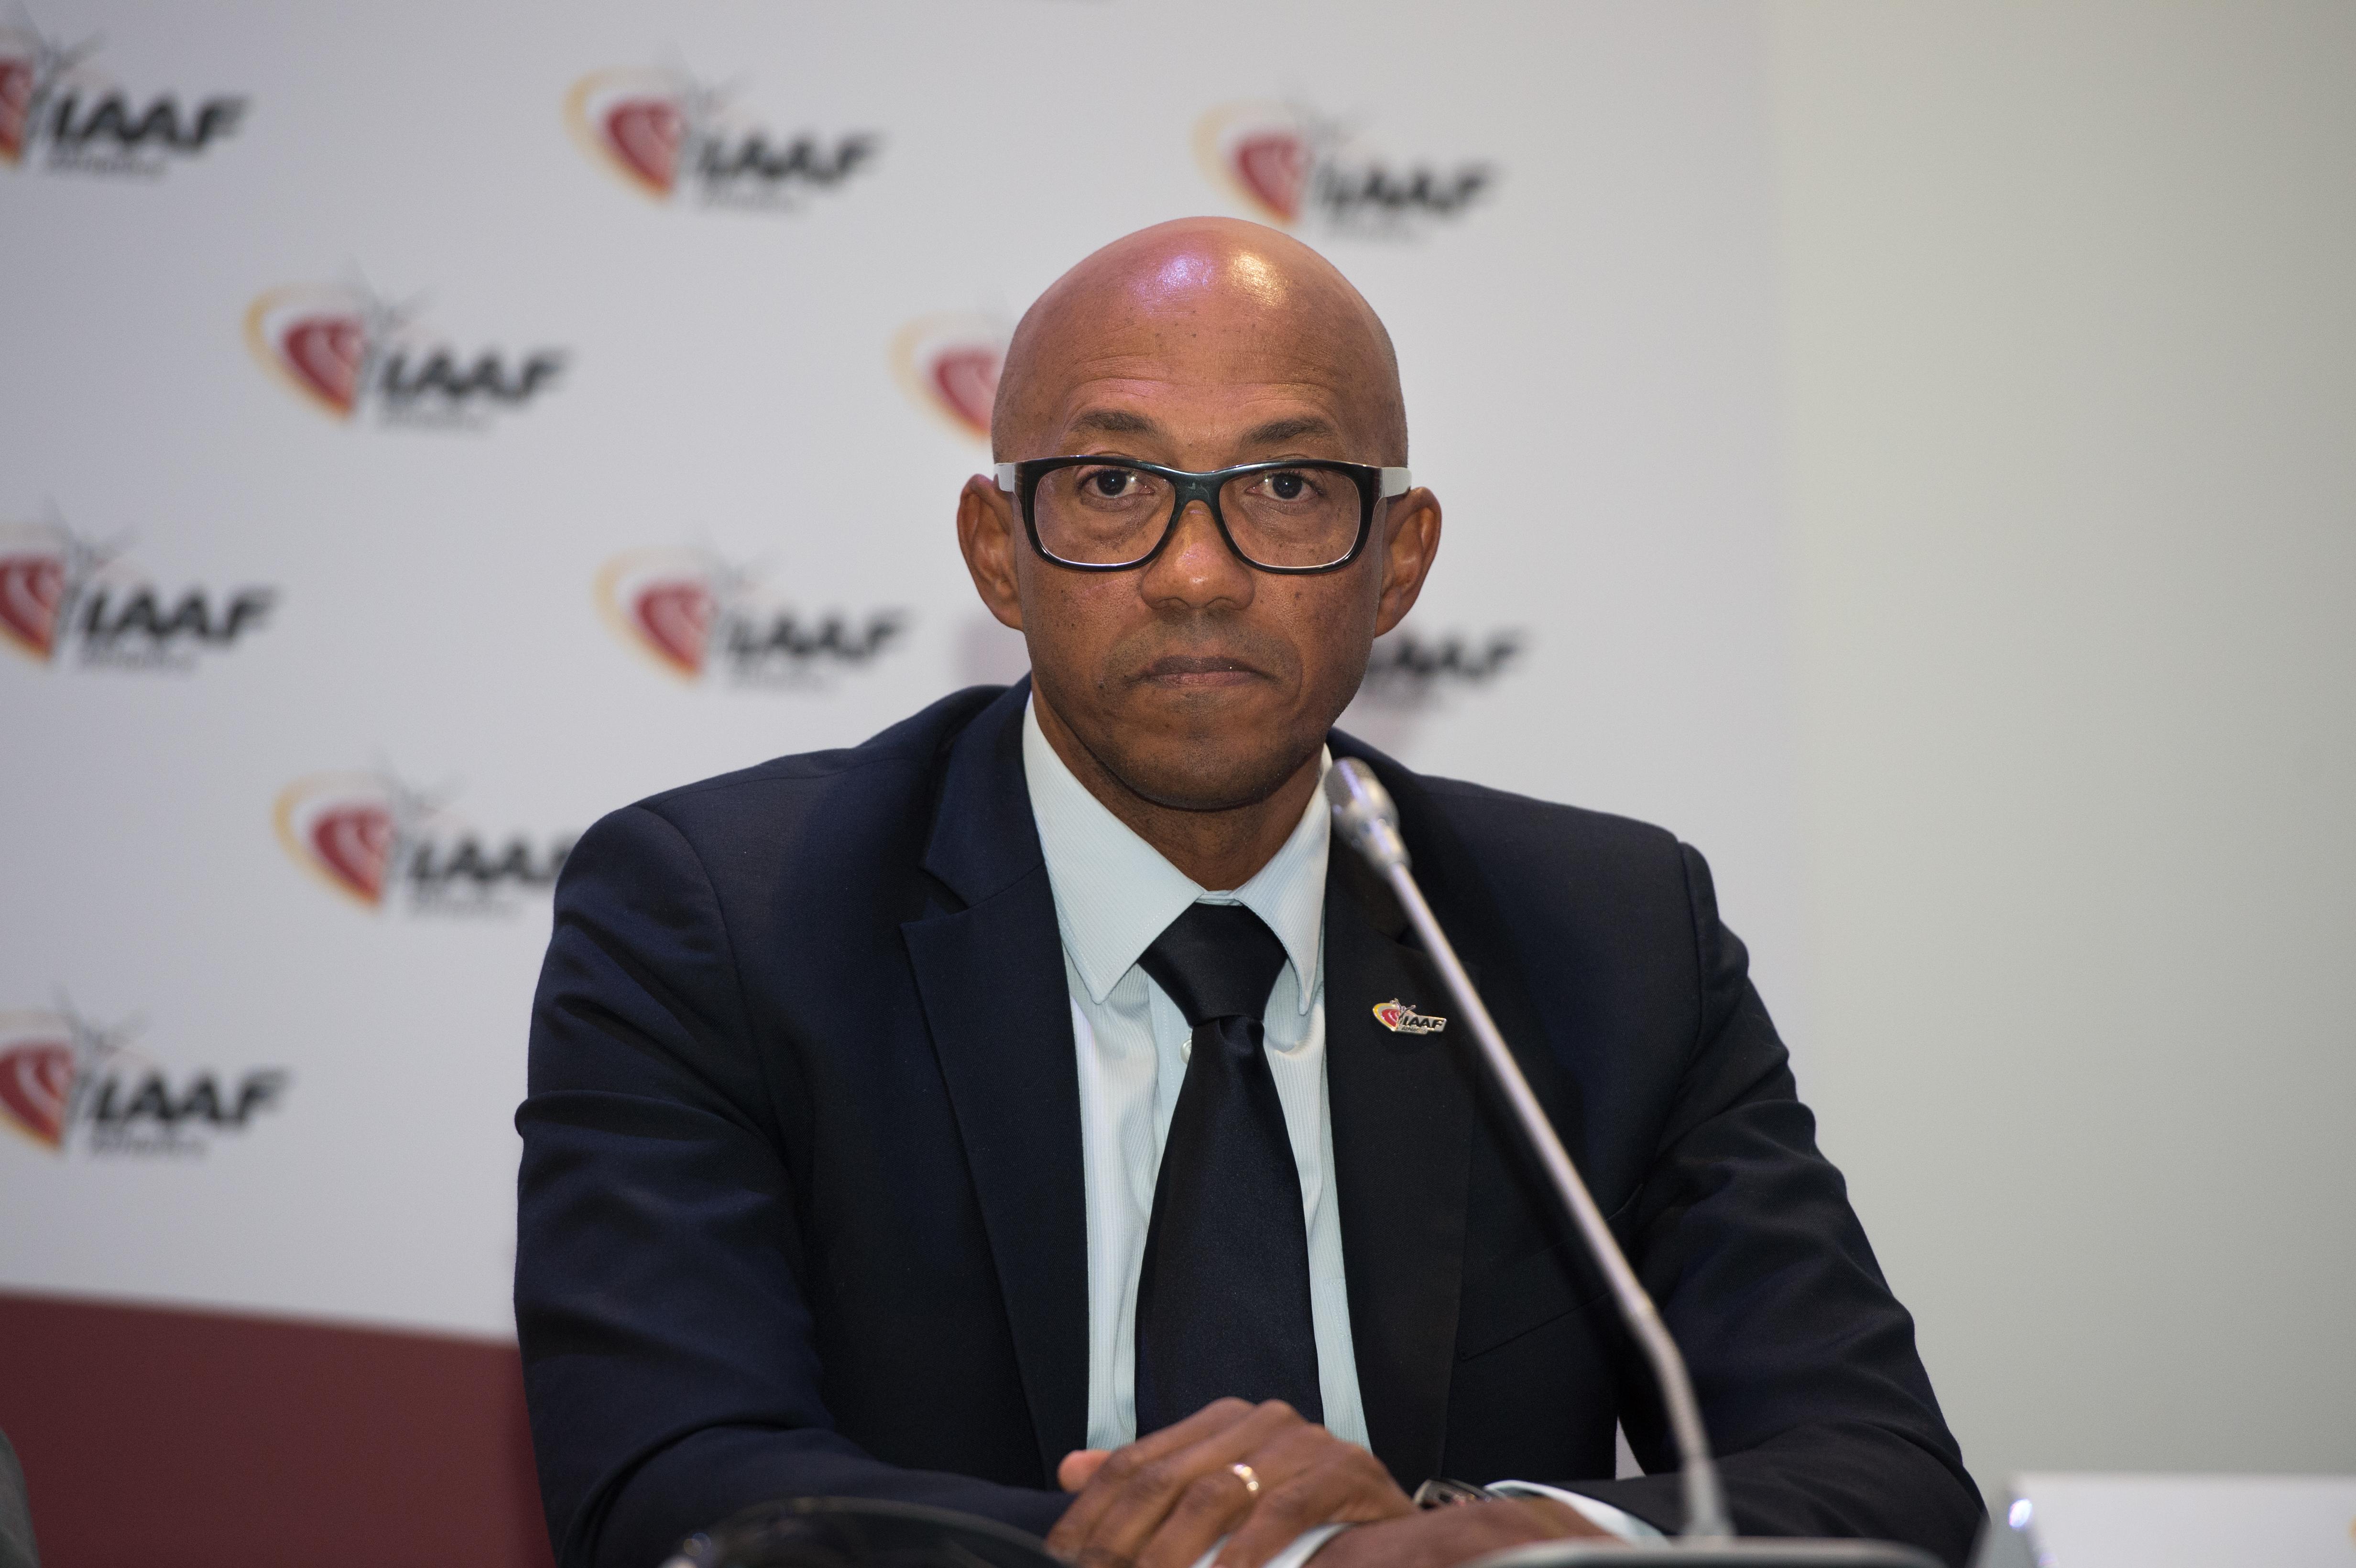 Korrupció gyanúja miatt lemondott a 2024-es olimpiai pályázatokat értékelő bizottság vezetője